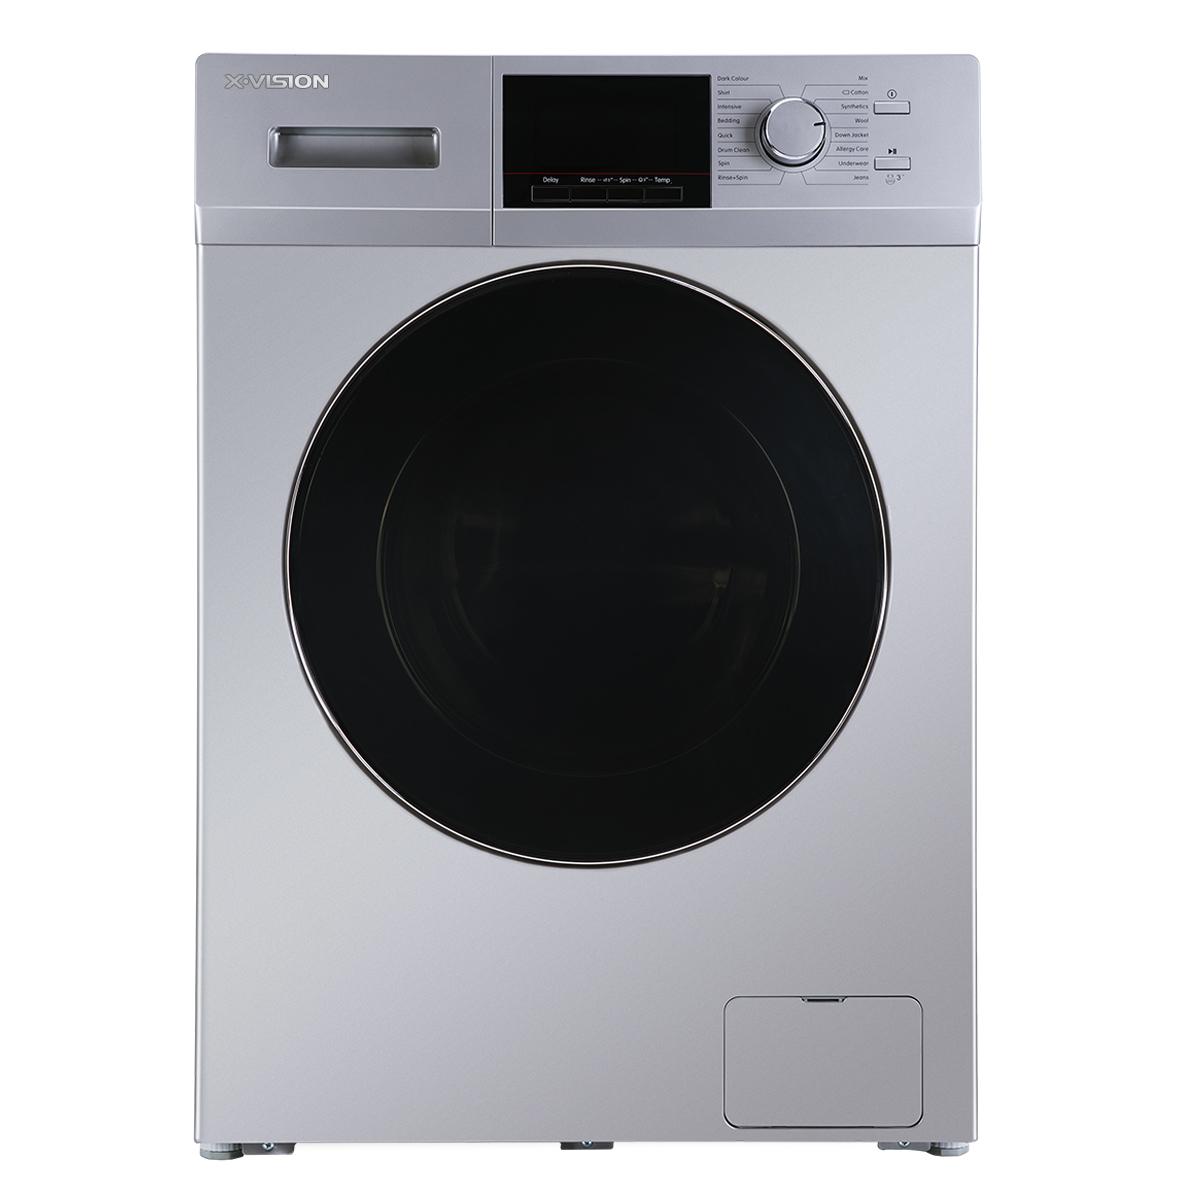 فروش نقدی و اقساطی ماشین لباسشویی ایکس ویژن مدل TM72-ASBL/AWBL ظرفیت ۷ کیلوگرم